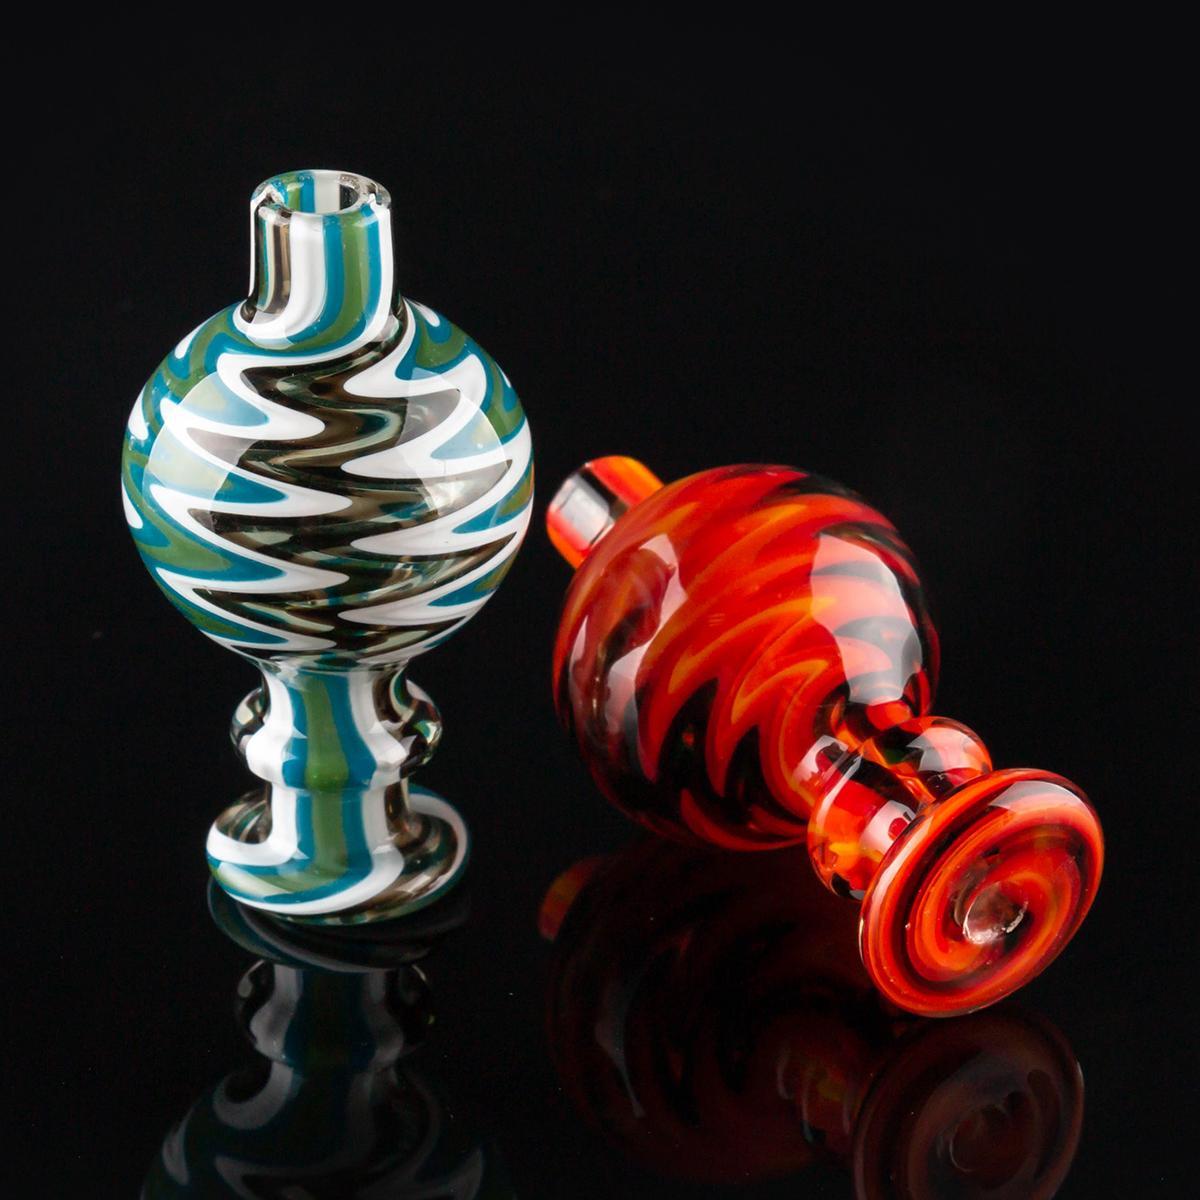 EE. UU. Color 28mm OD Burbuja de vidrio Carb Cap para Flat Top Quartz Banger Nails Glass Water Bongs Tubería Dab Rigs